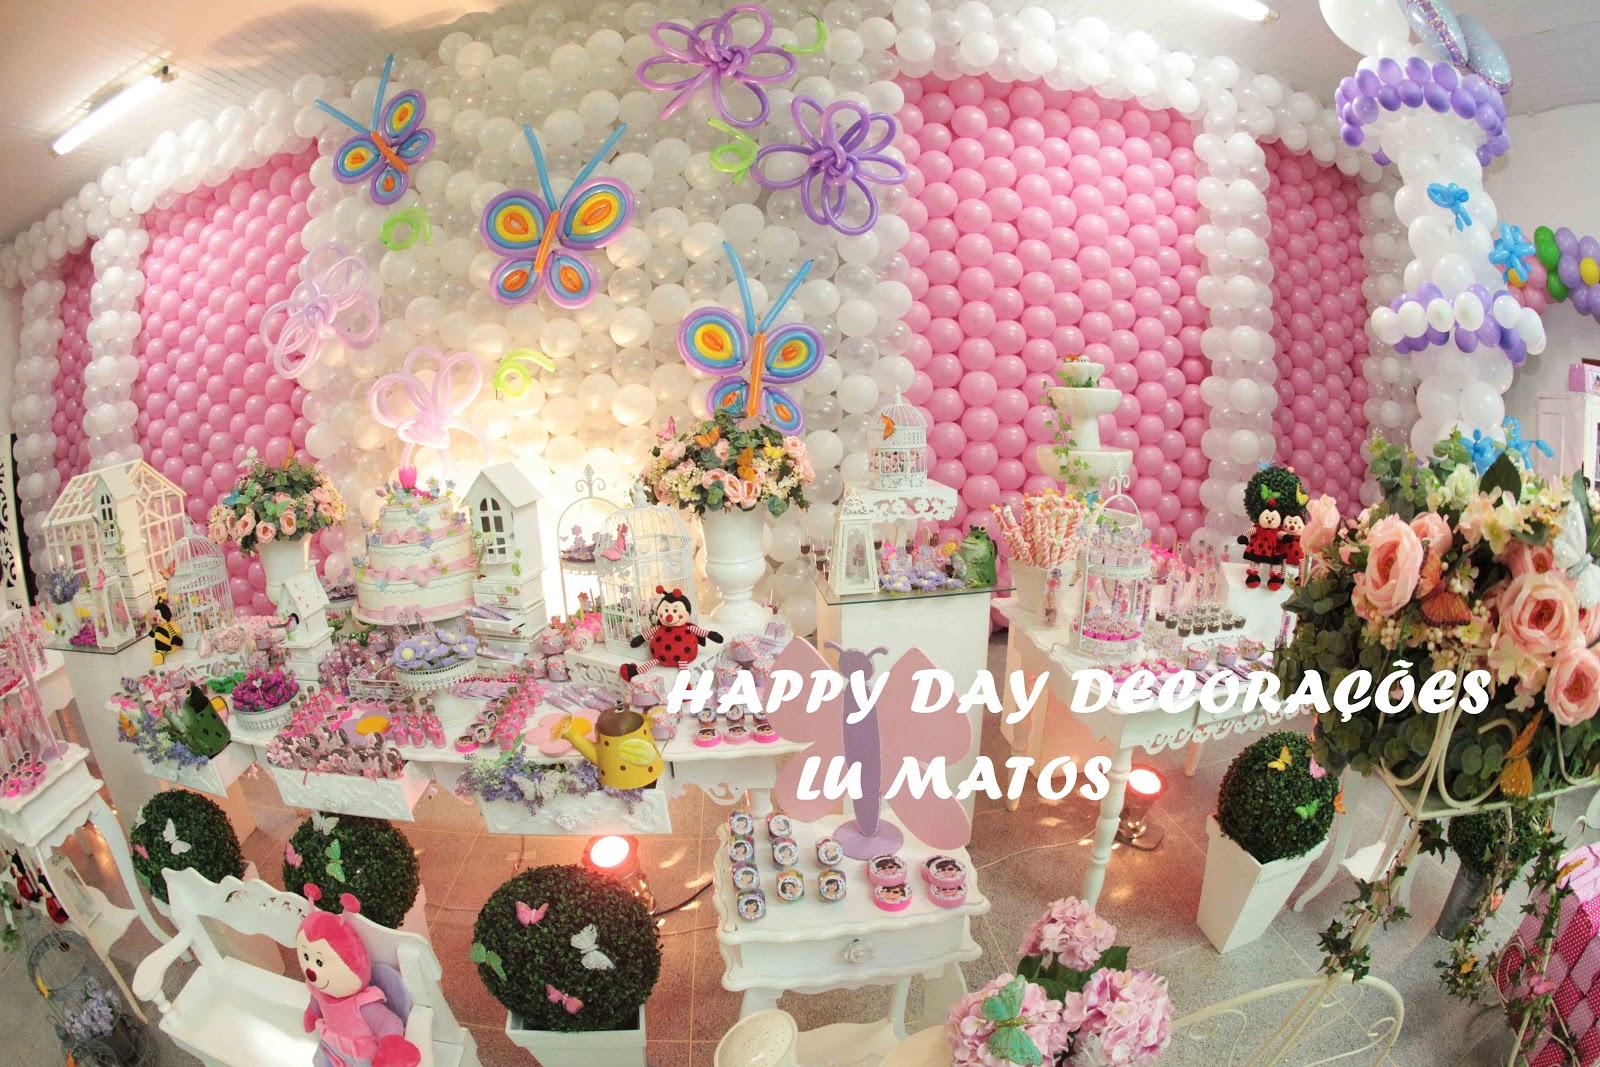 decoracao de aniversario jardim das borboletas:Luciana A. Matos: JARDIM DAS BORBOLETAS